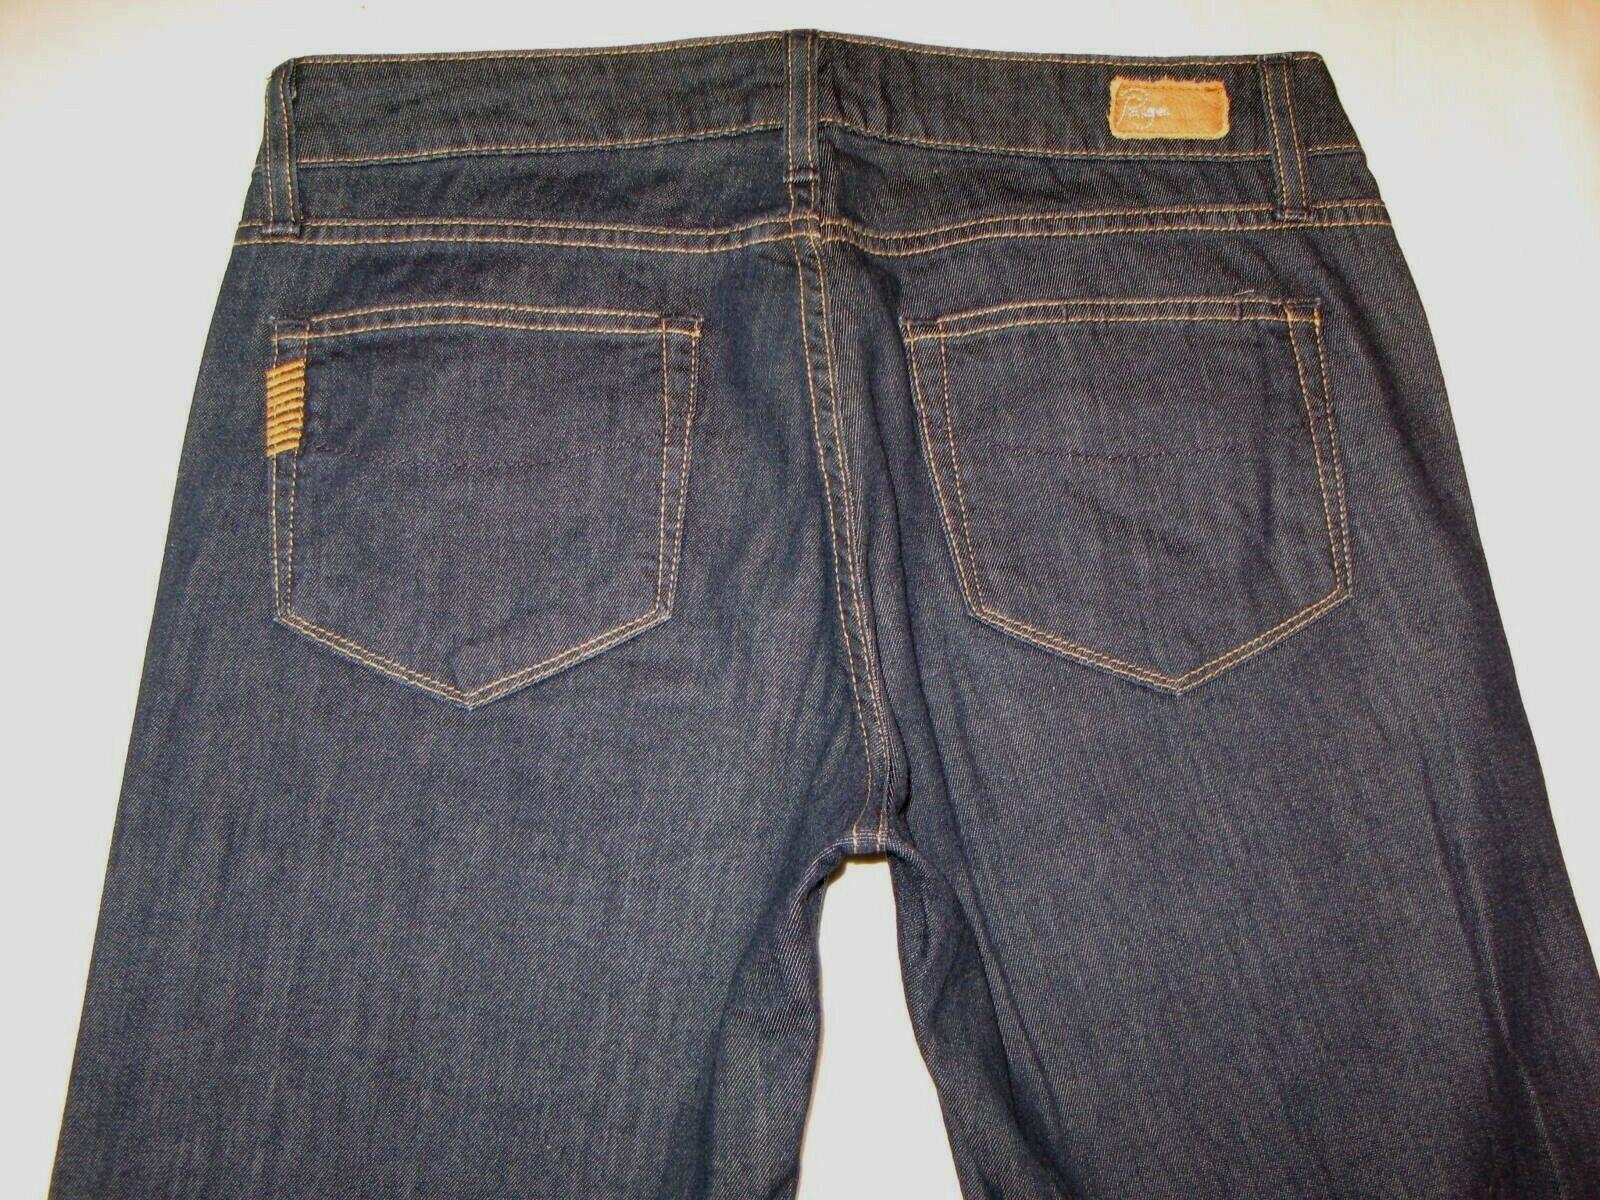 Paige Bentley Flare Jeans Sz 27 Dark bluee Light Denim w Stretch L 31.75